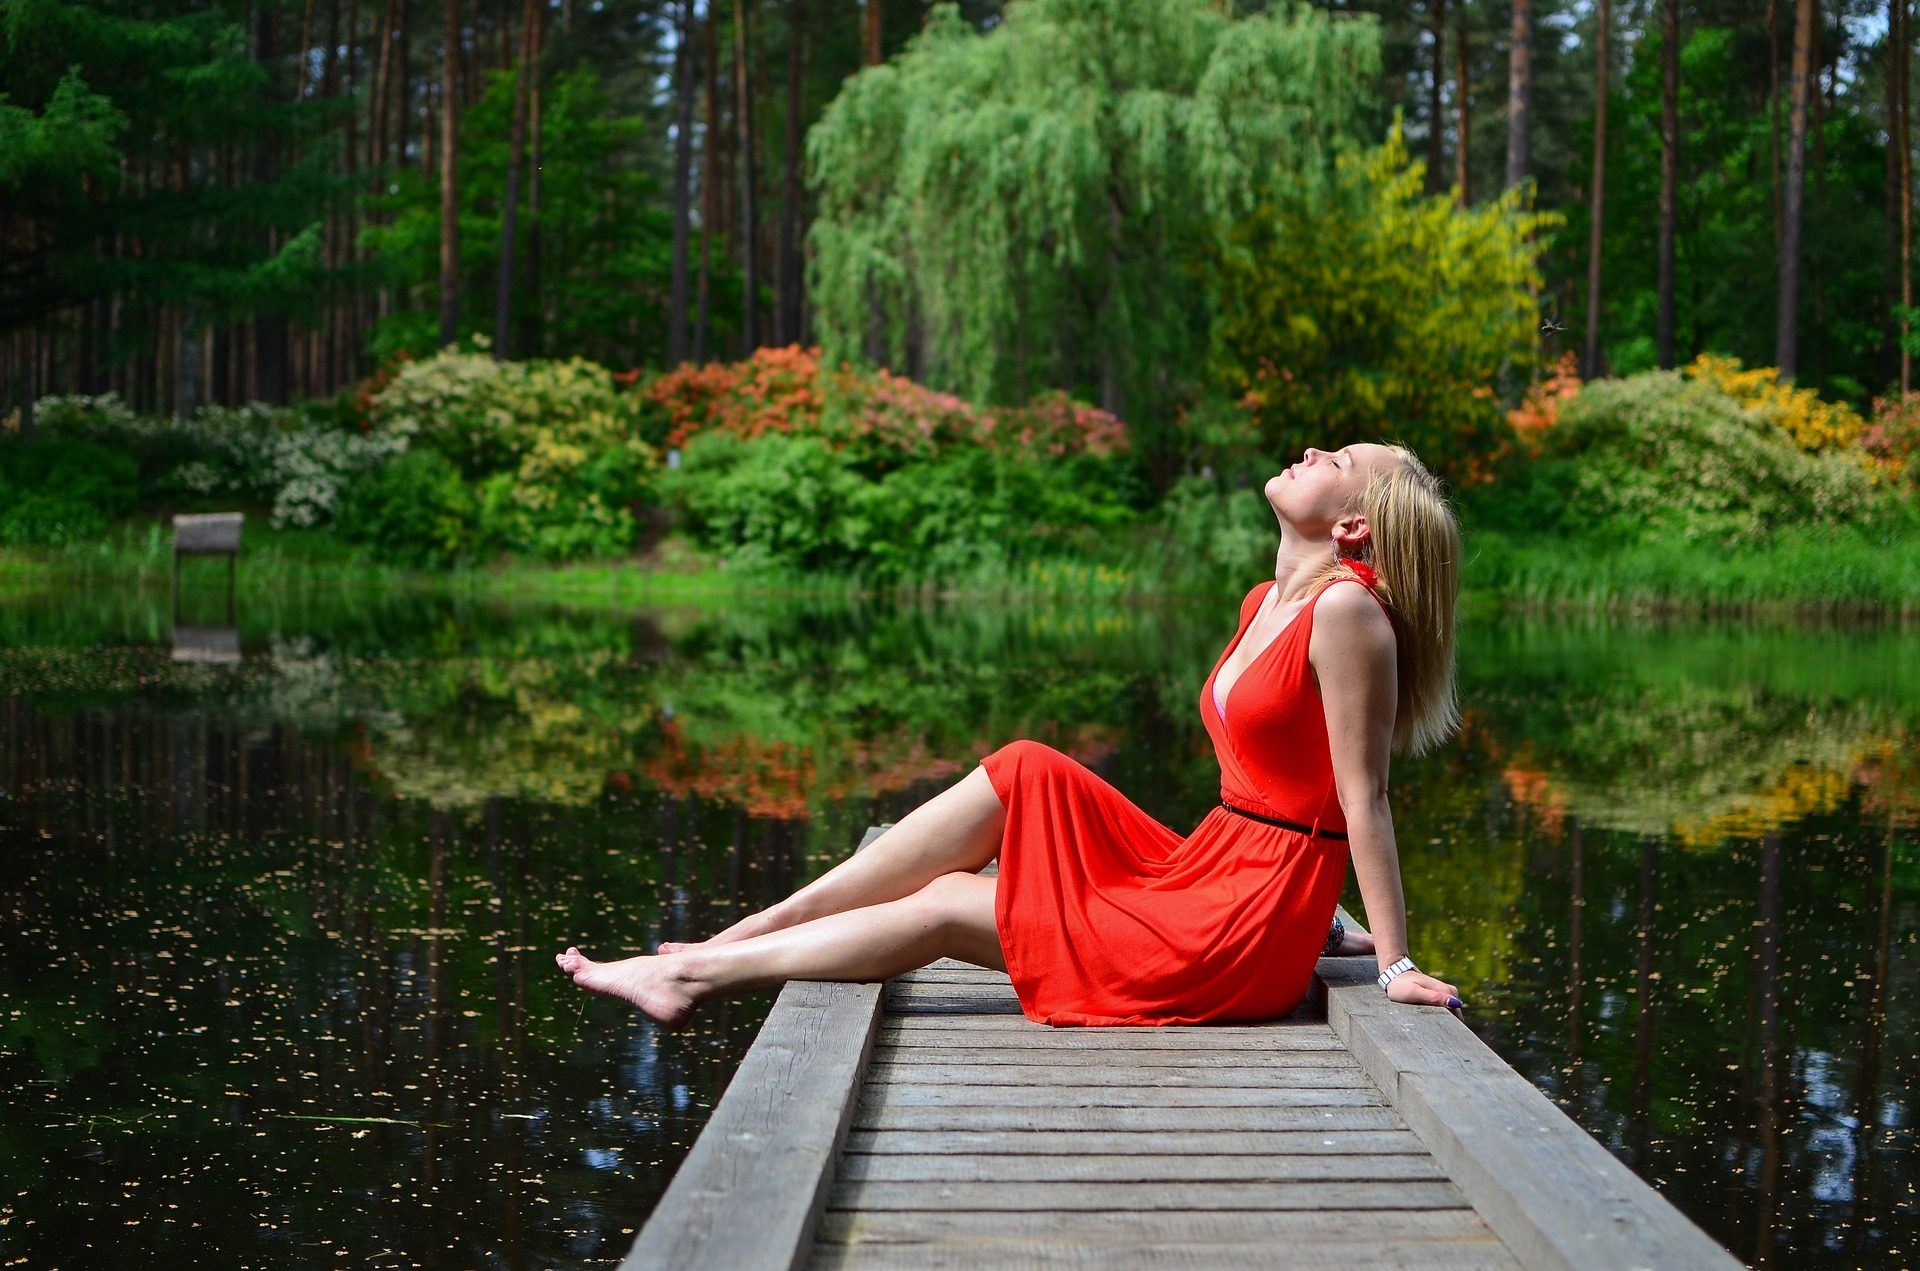 mulher, vestido, Vermelho, Embarcadero, Lago, Relaxe, floresta - Papéis de parede HD - Professor-falken.com